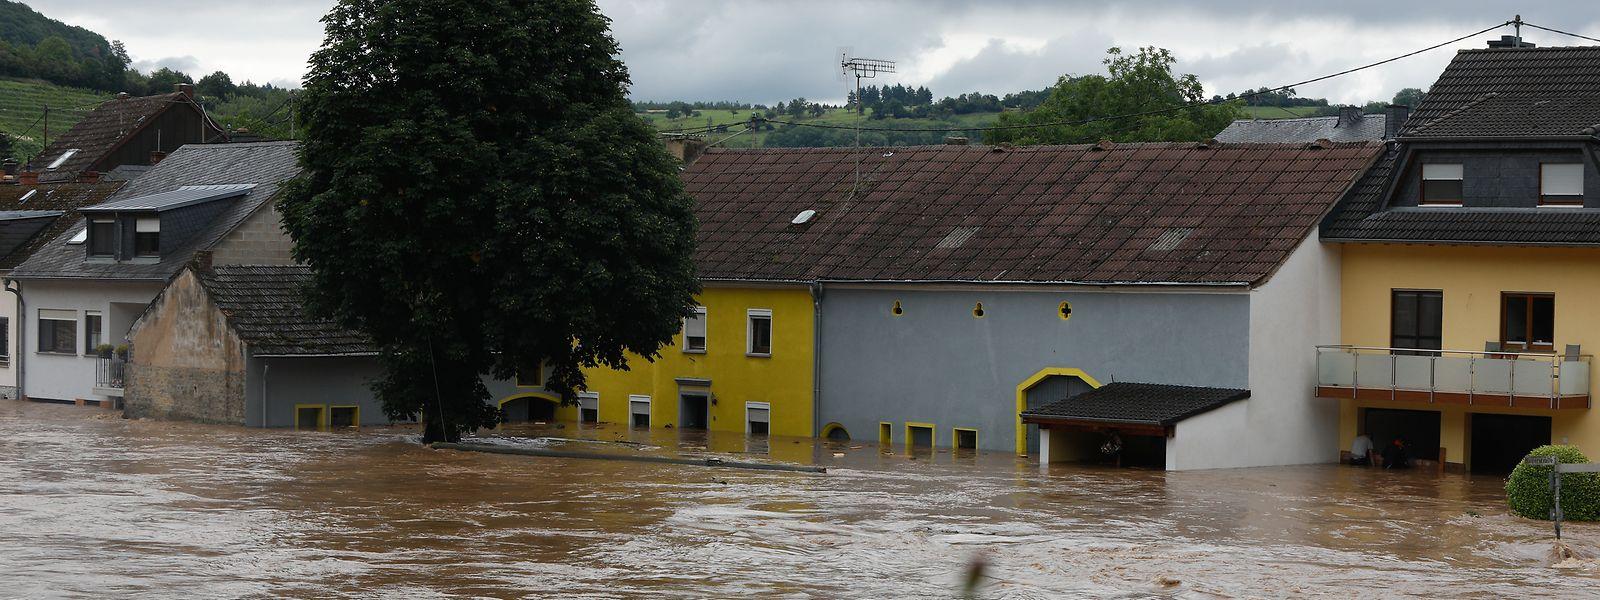 Zahlreiche Häuser standen unter Wasser.